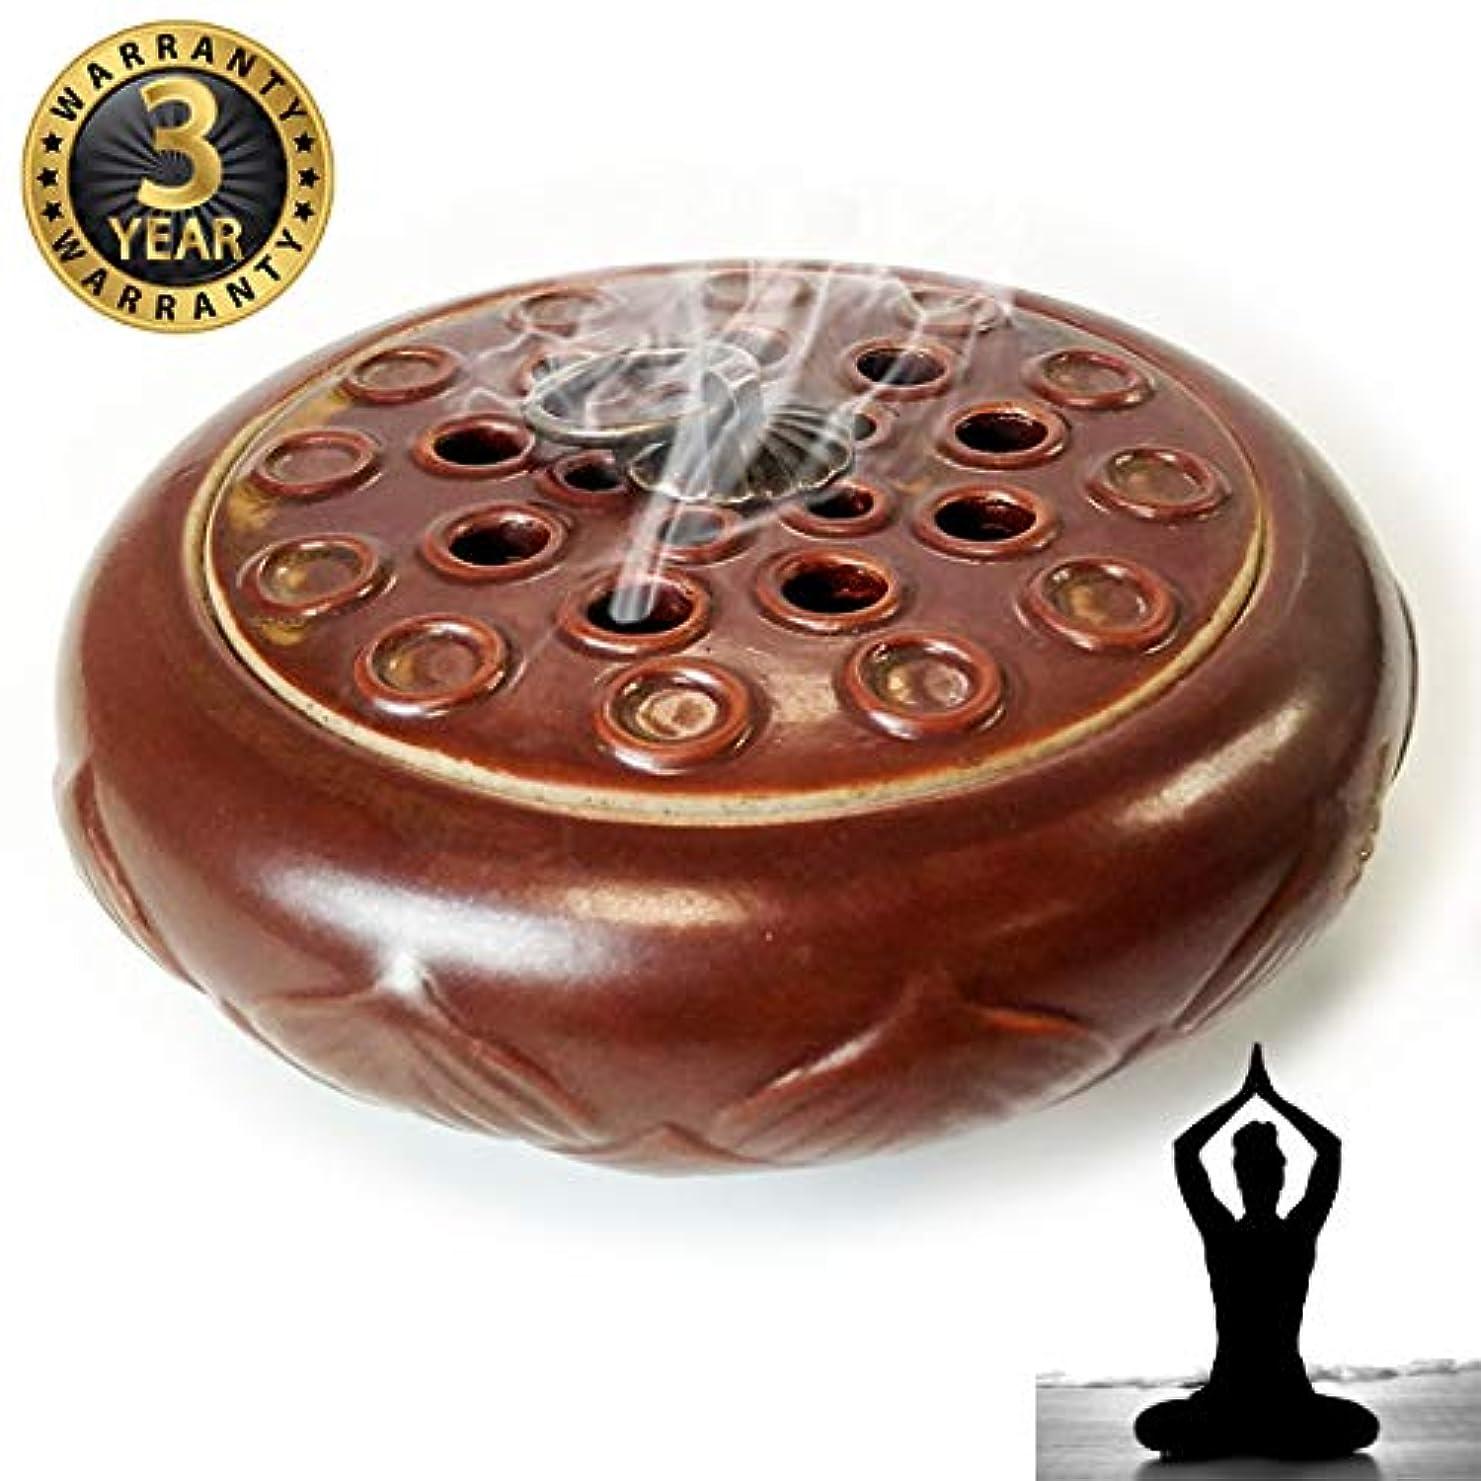 ギネス純粋にポールWOW 陶器製香炉ホルダー 手作り スティック/コーン/コイル線香に最適 レッド